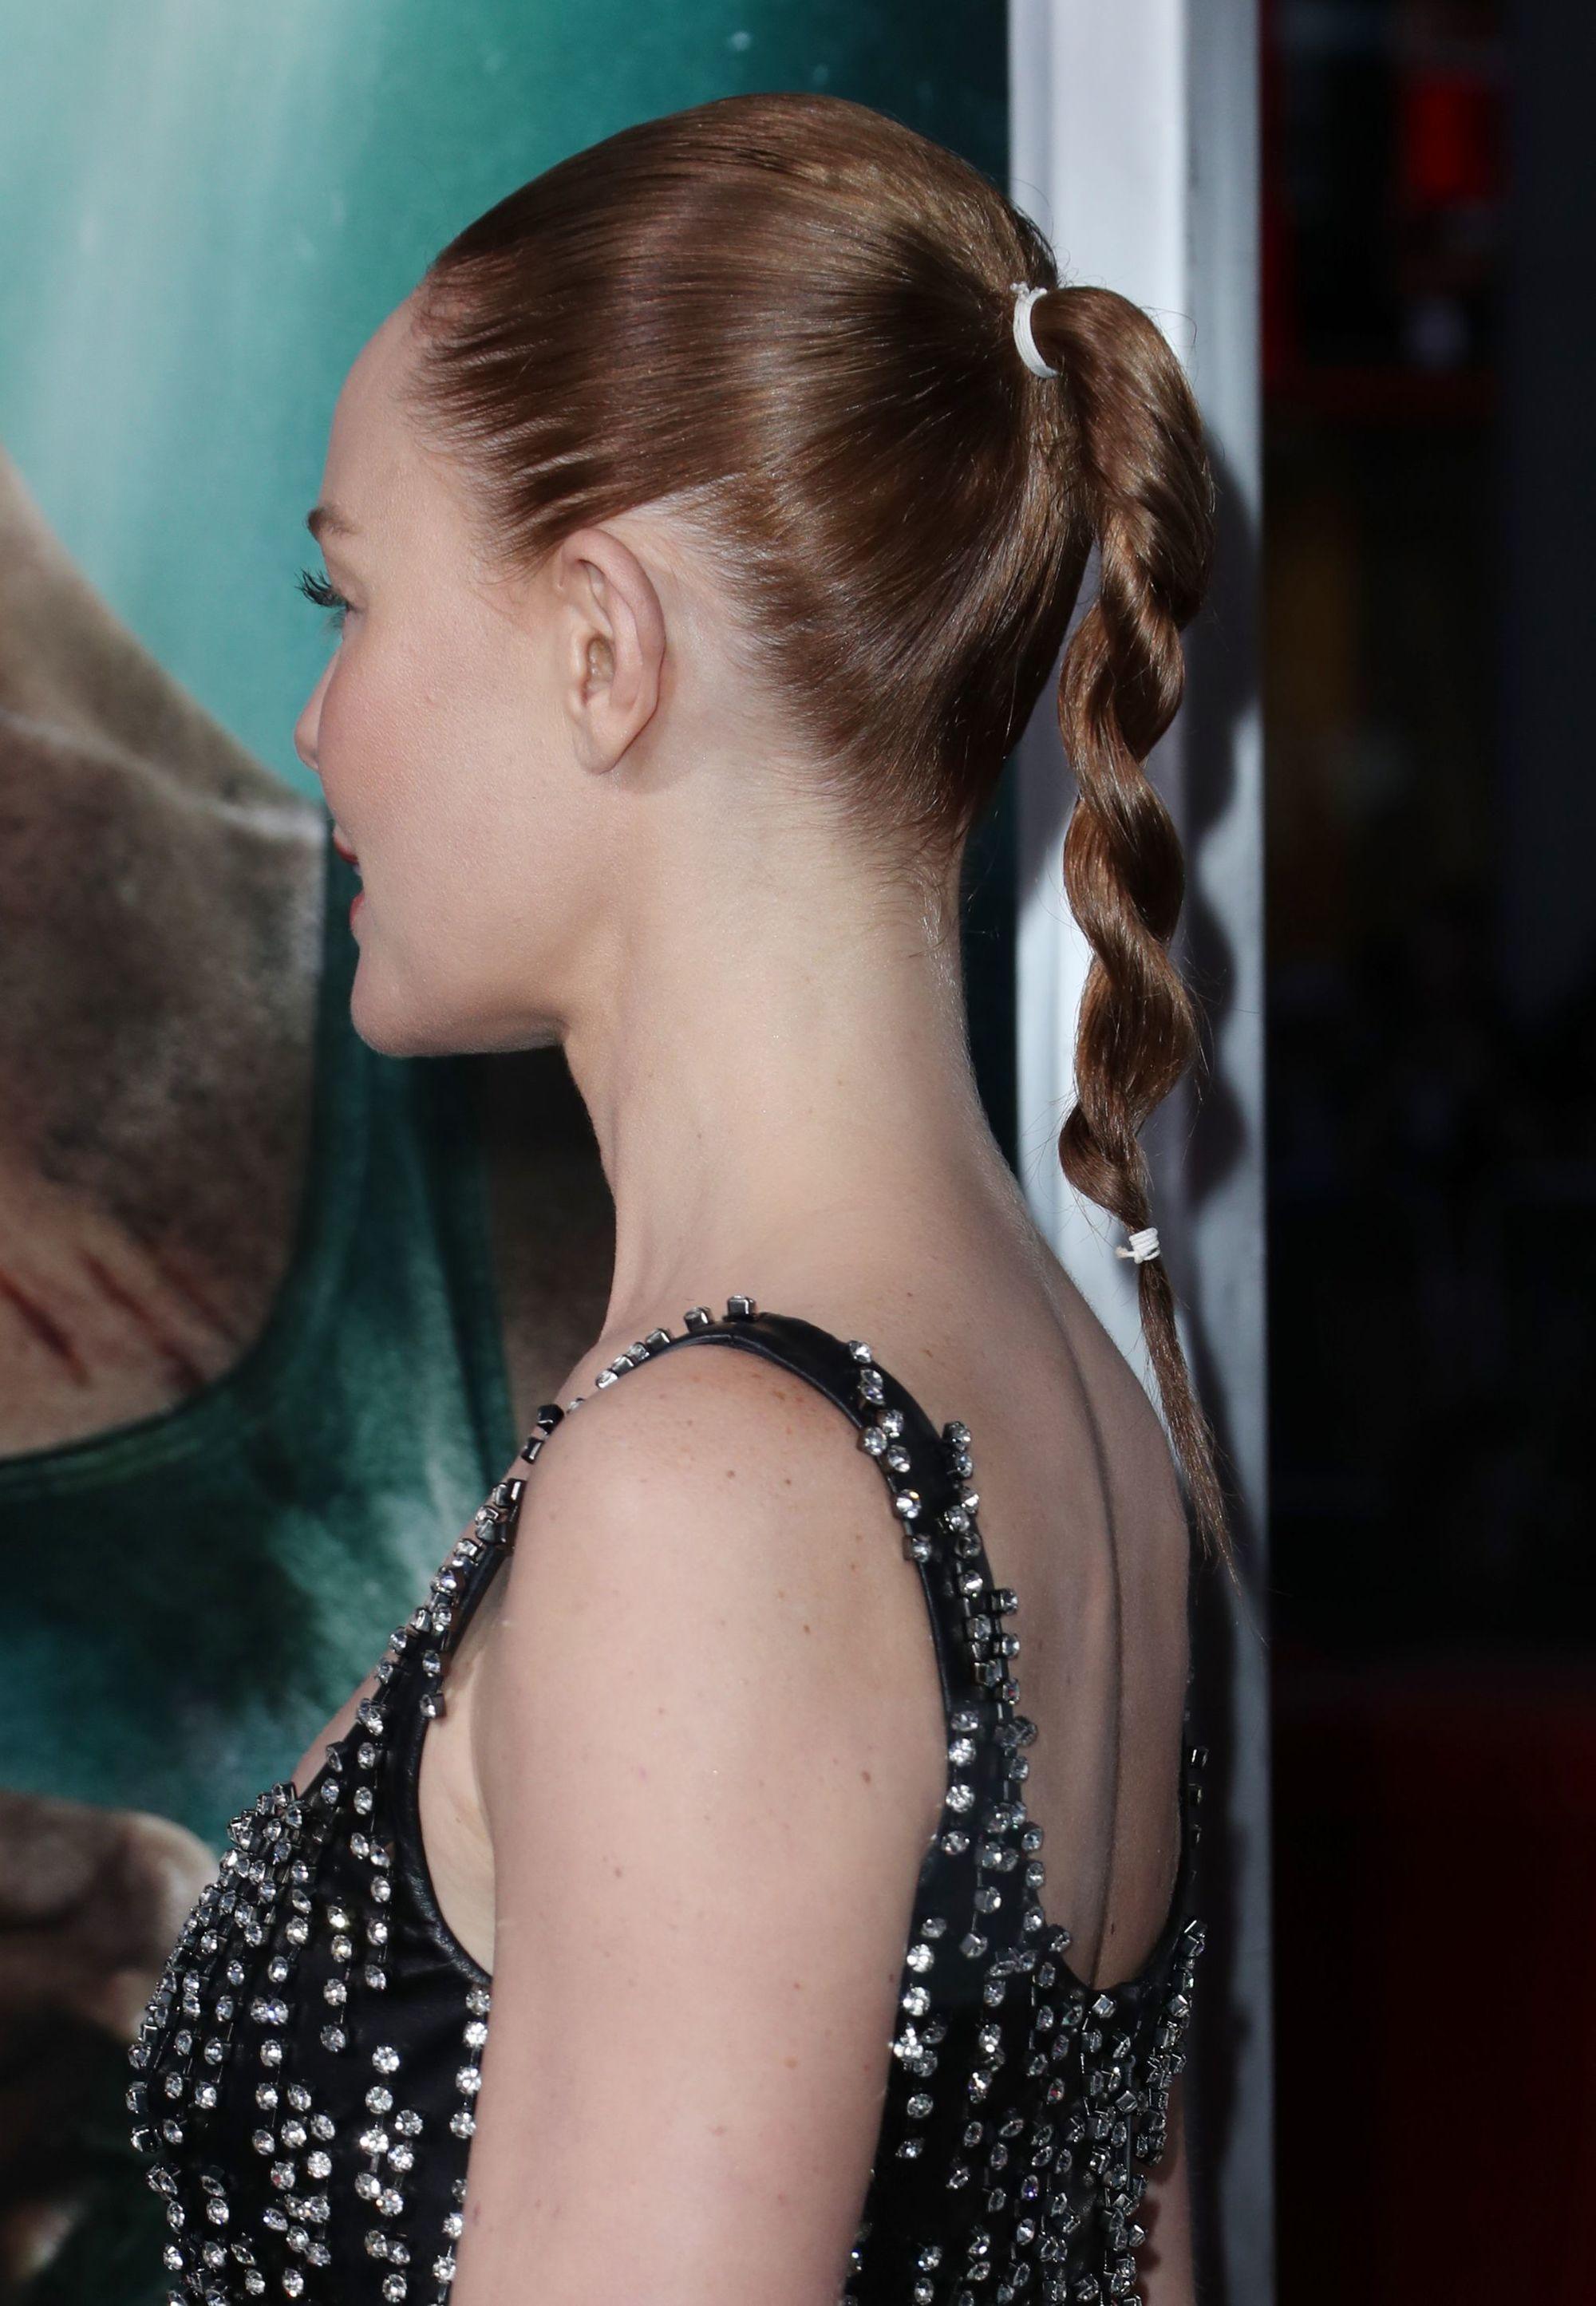 Vista de perfil de mujer pelirroja con cabello peinado hacia atrás y una especie de trenza